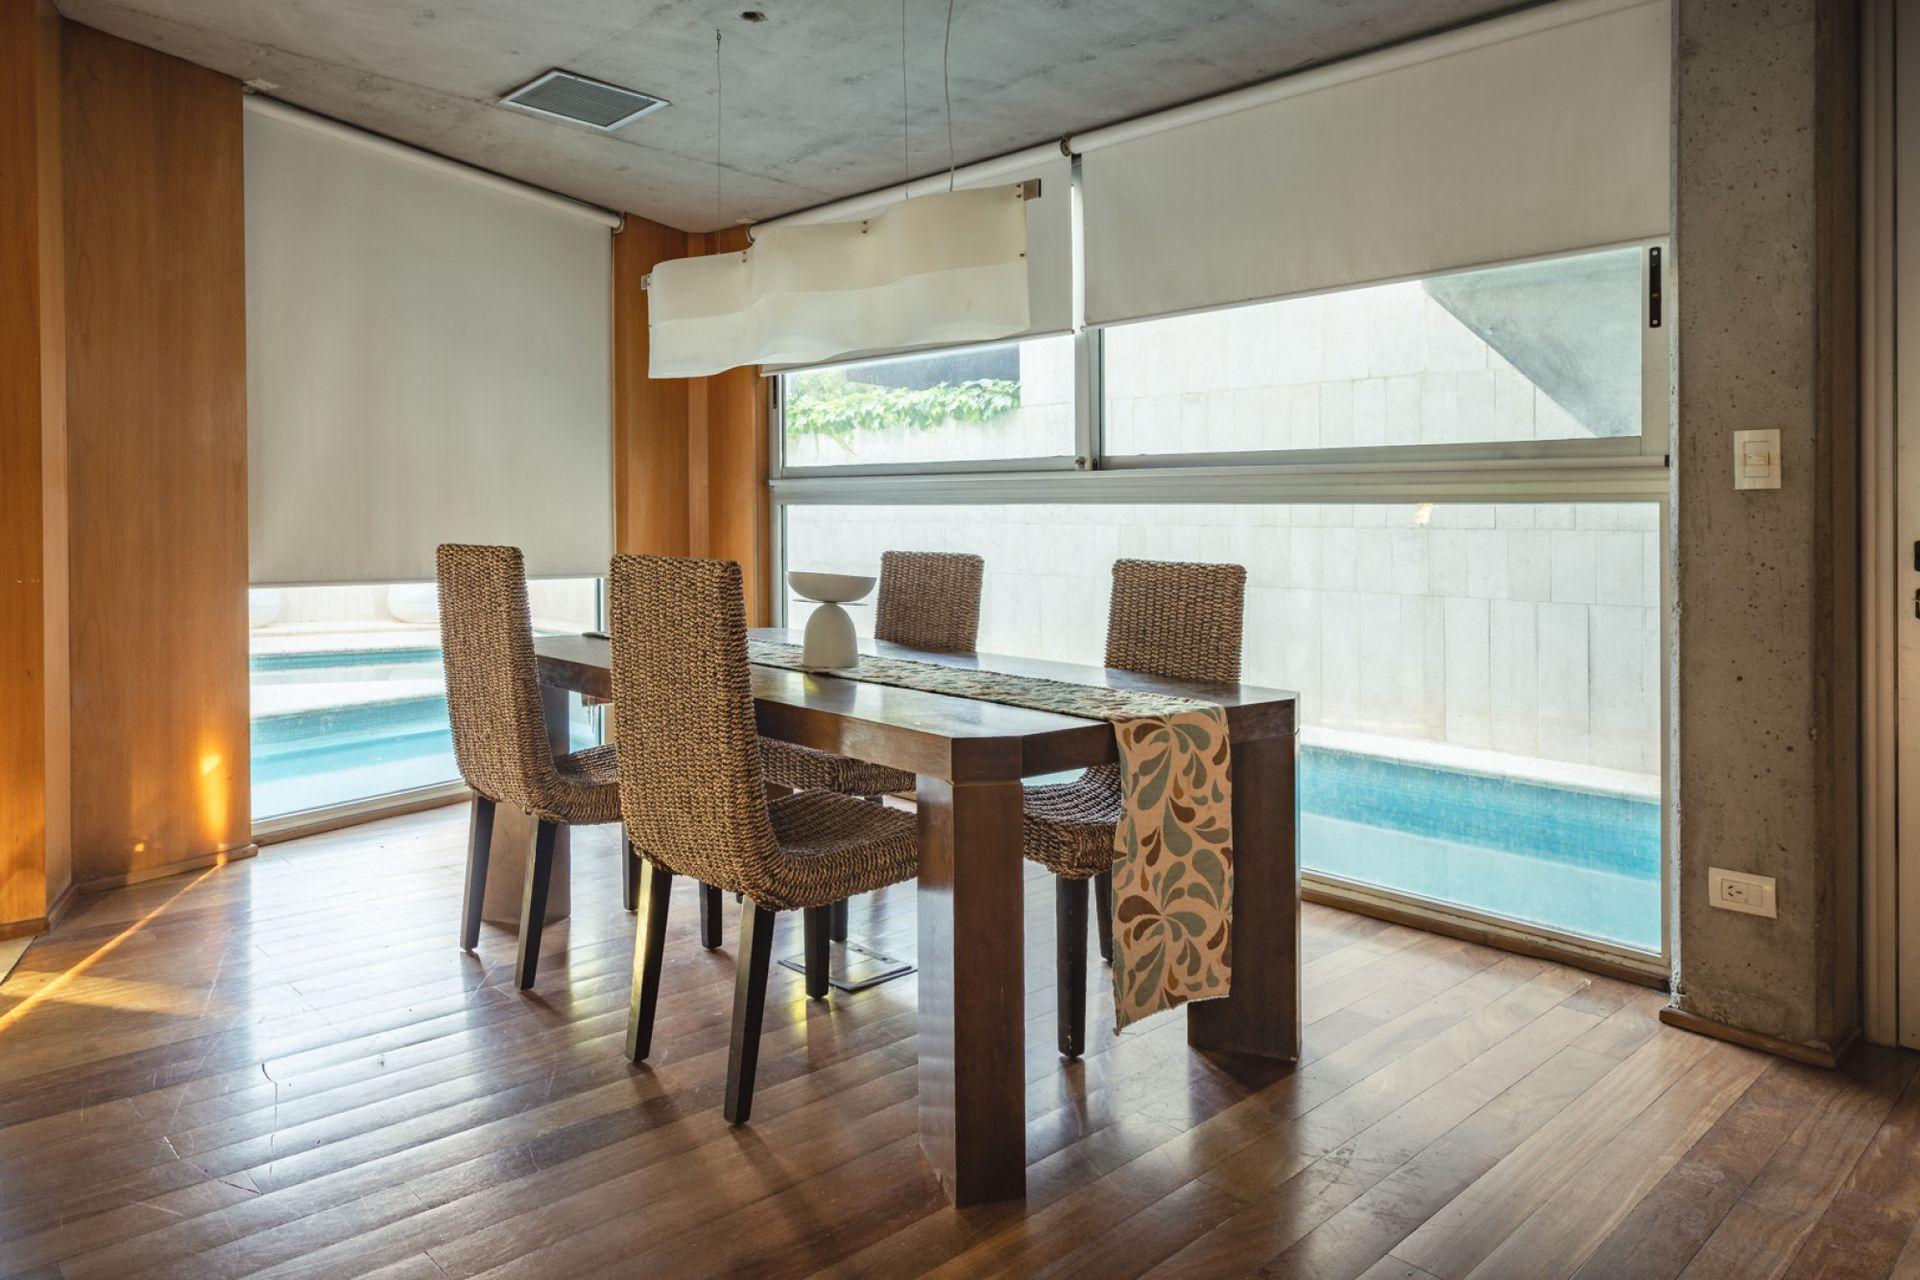 Los materiales que predominan en la casa: madera, vidrio y hormigón